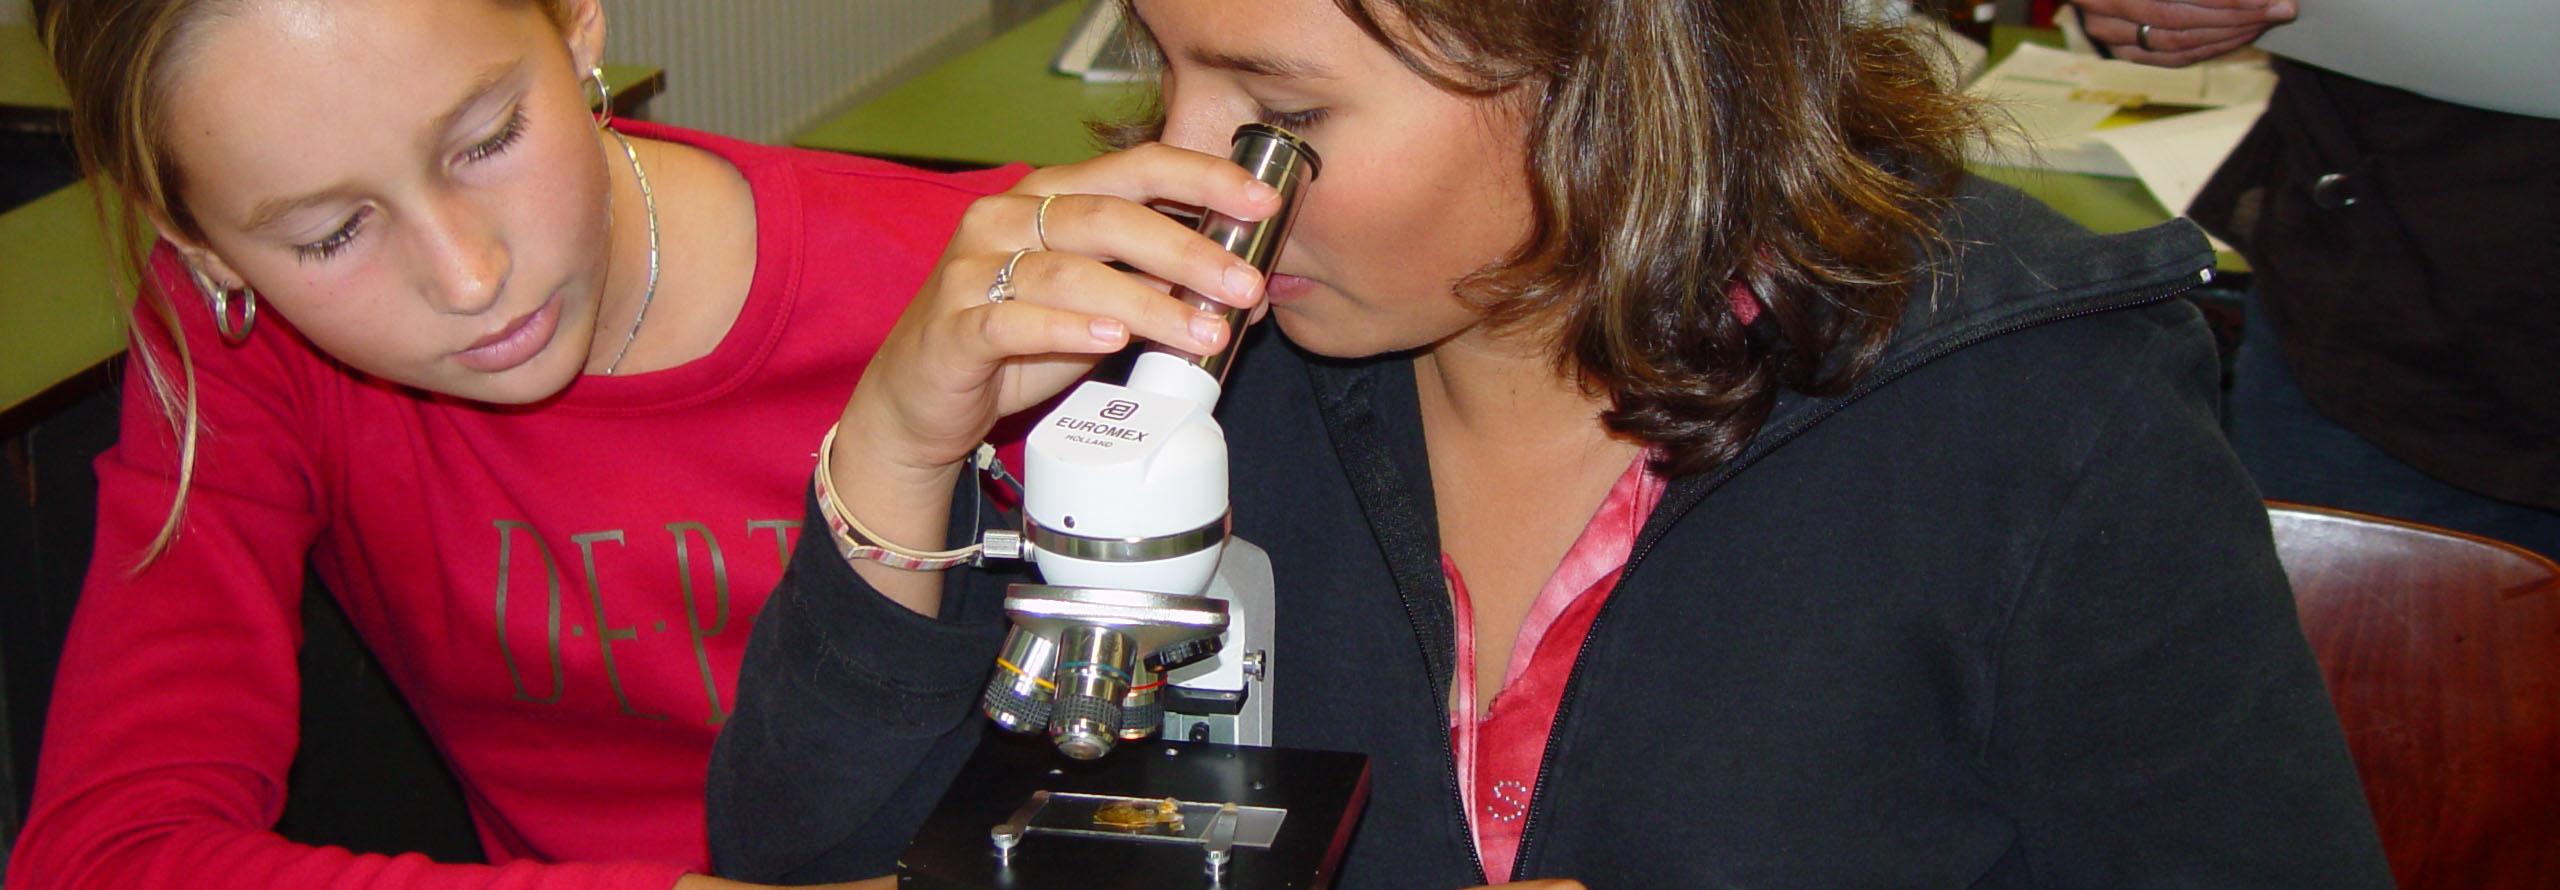 Digitale microscoop onderwijs